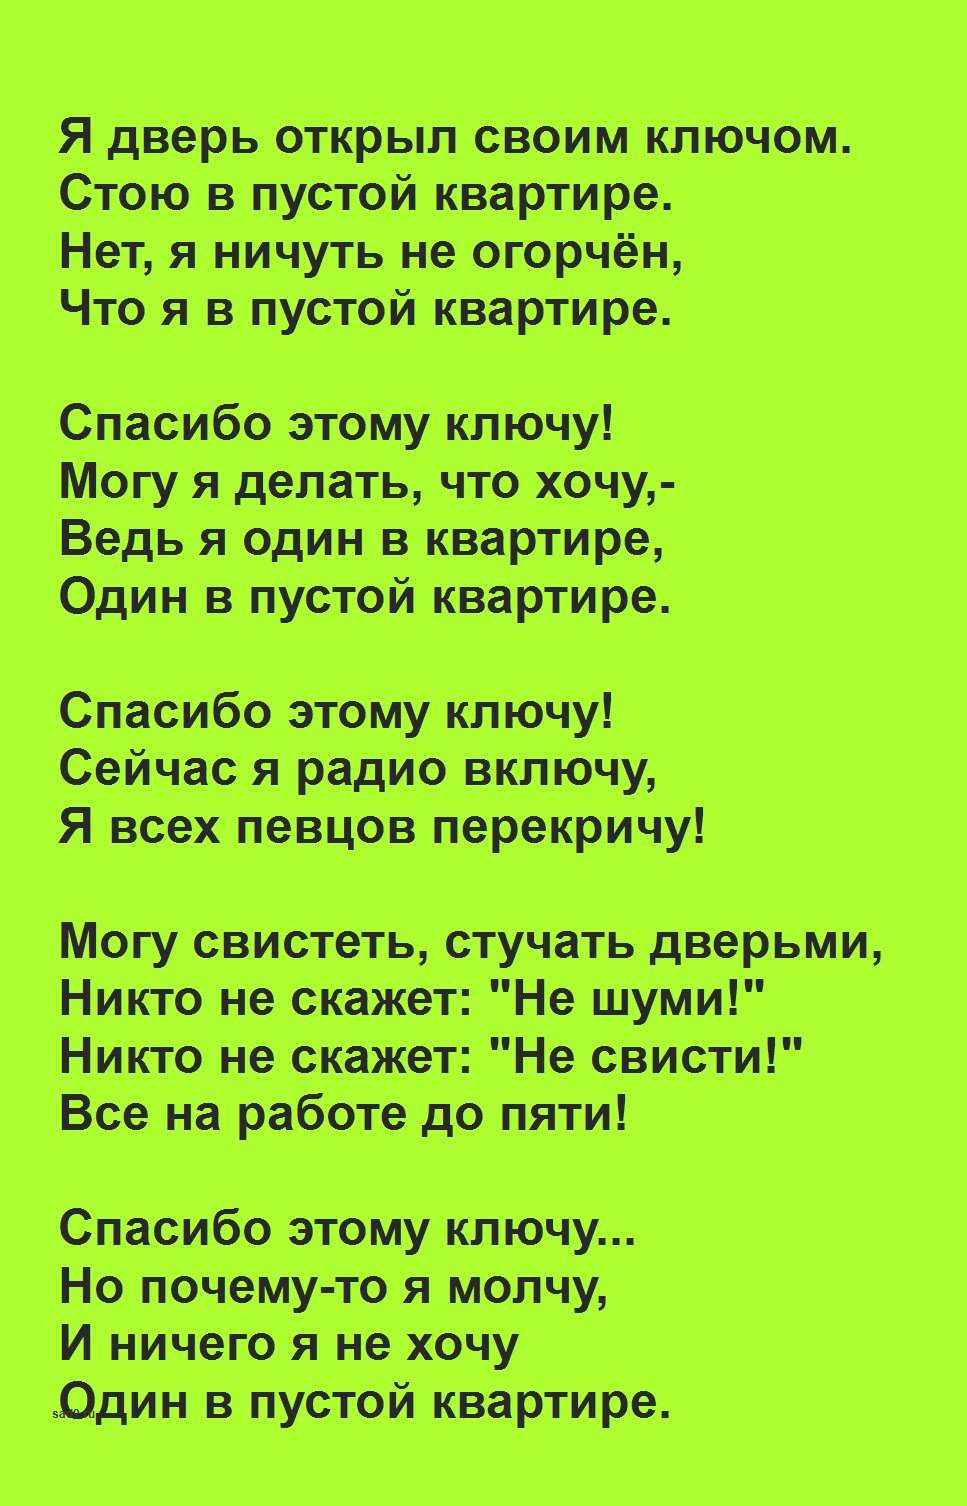 Агния Барто стихи читать - В пустой квартире